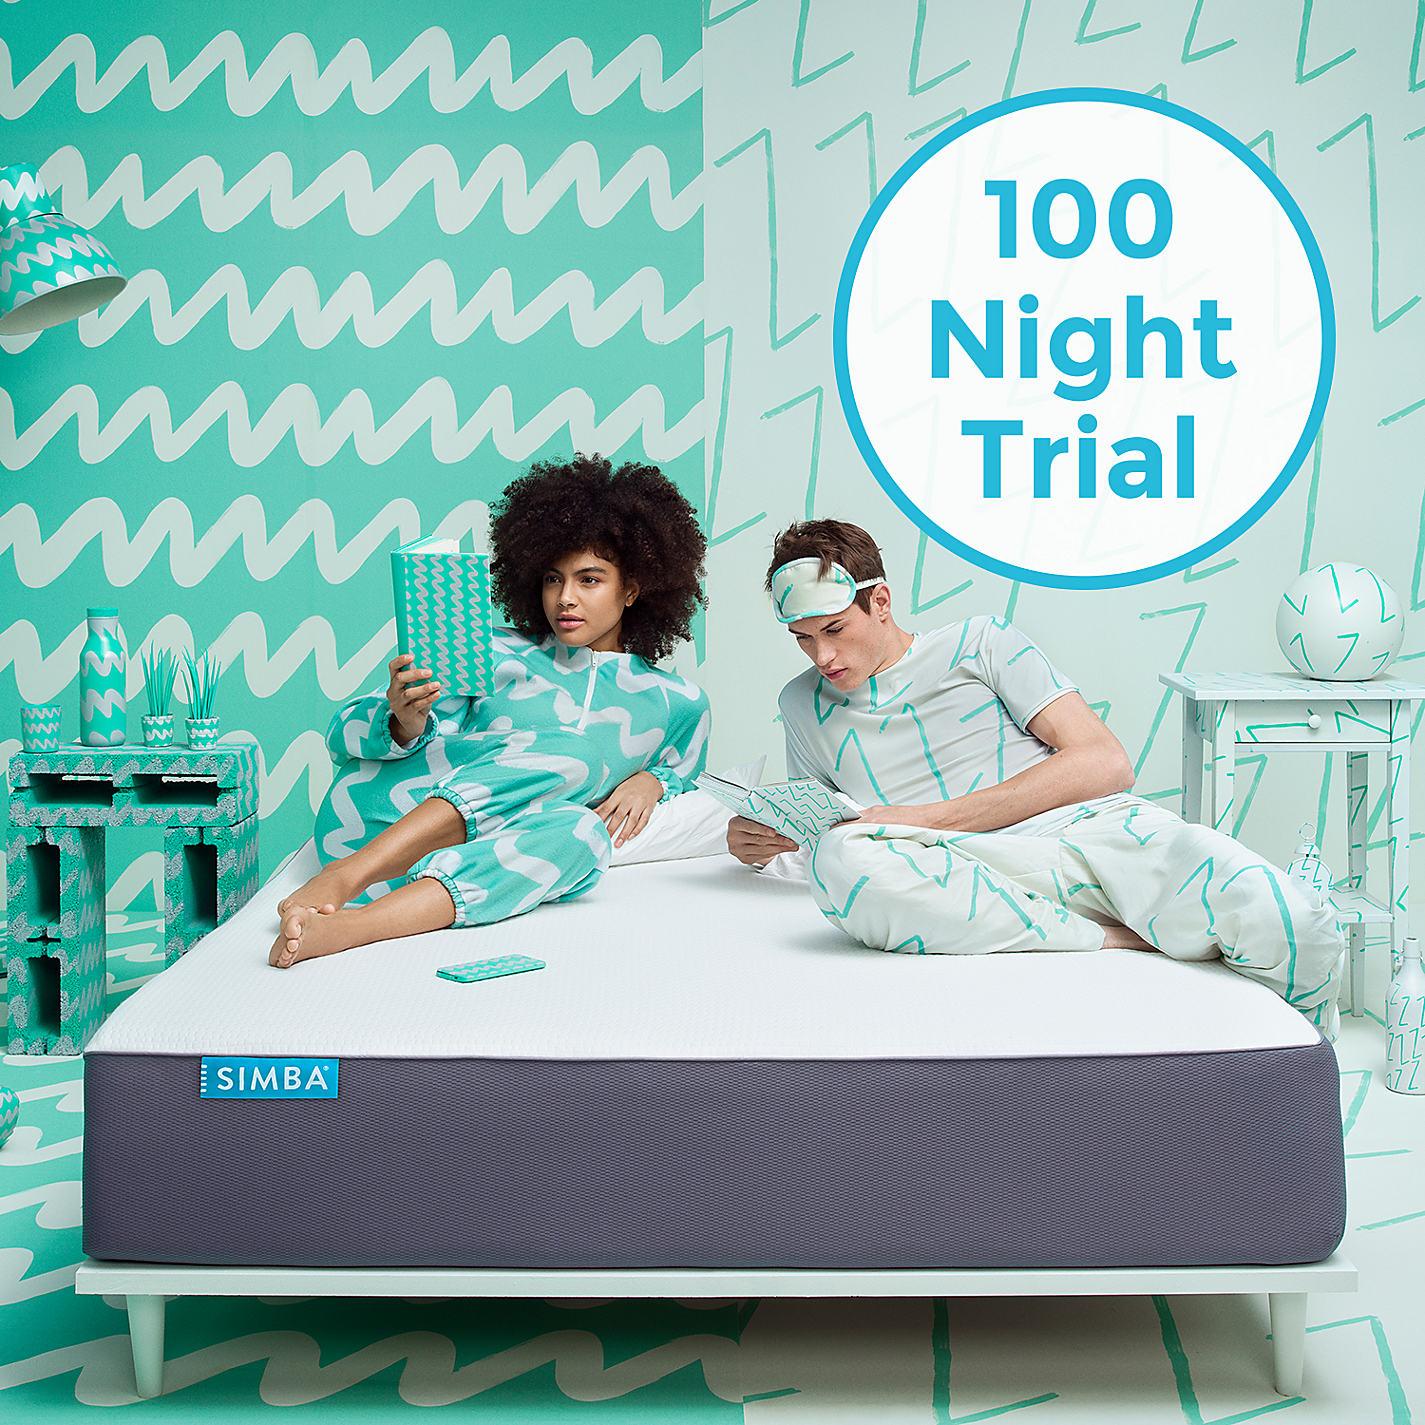 buy simba hybrid memory foam pocket spring mattress medium double online at johnlewis - Spring Mattress